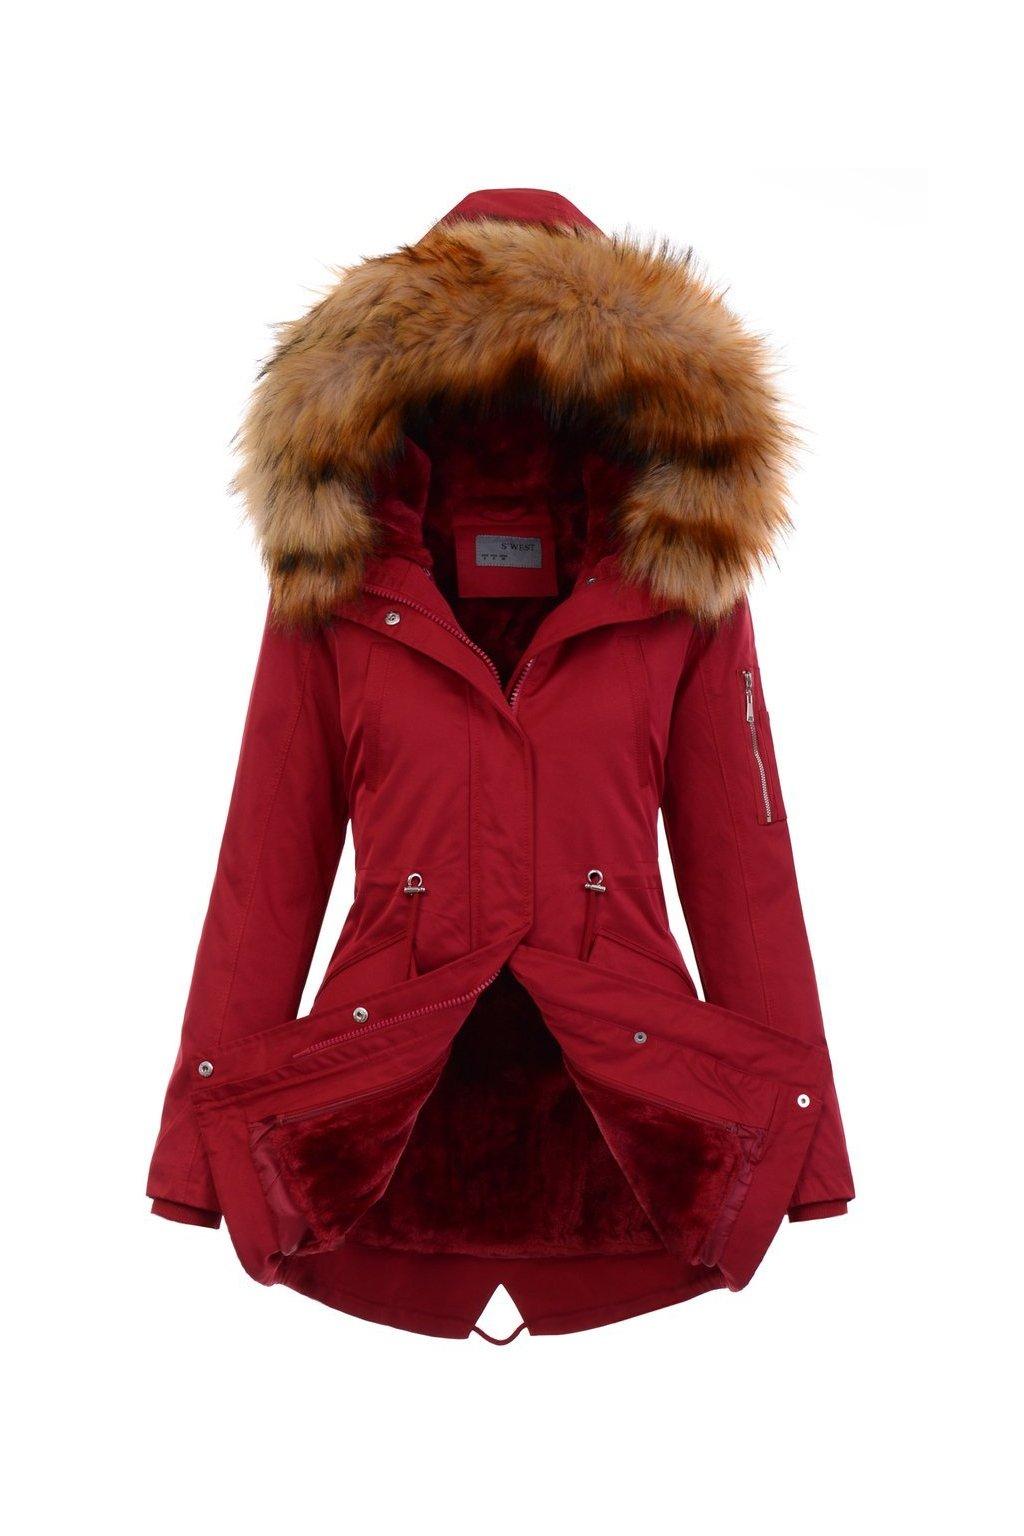 Dámska zimná bunda parka 2v1 4875 červená